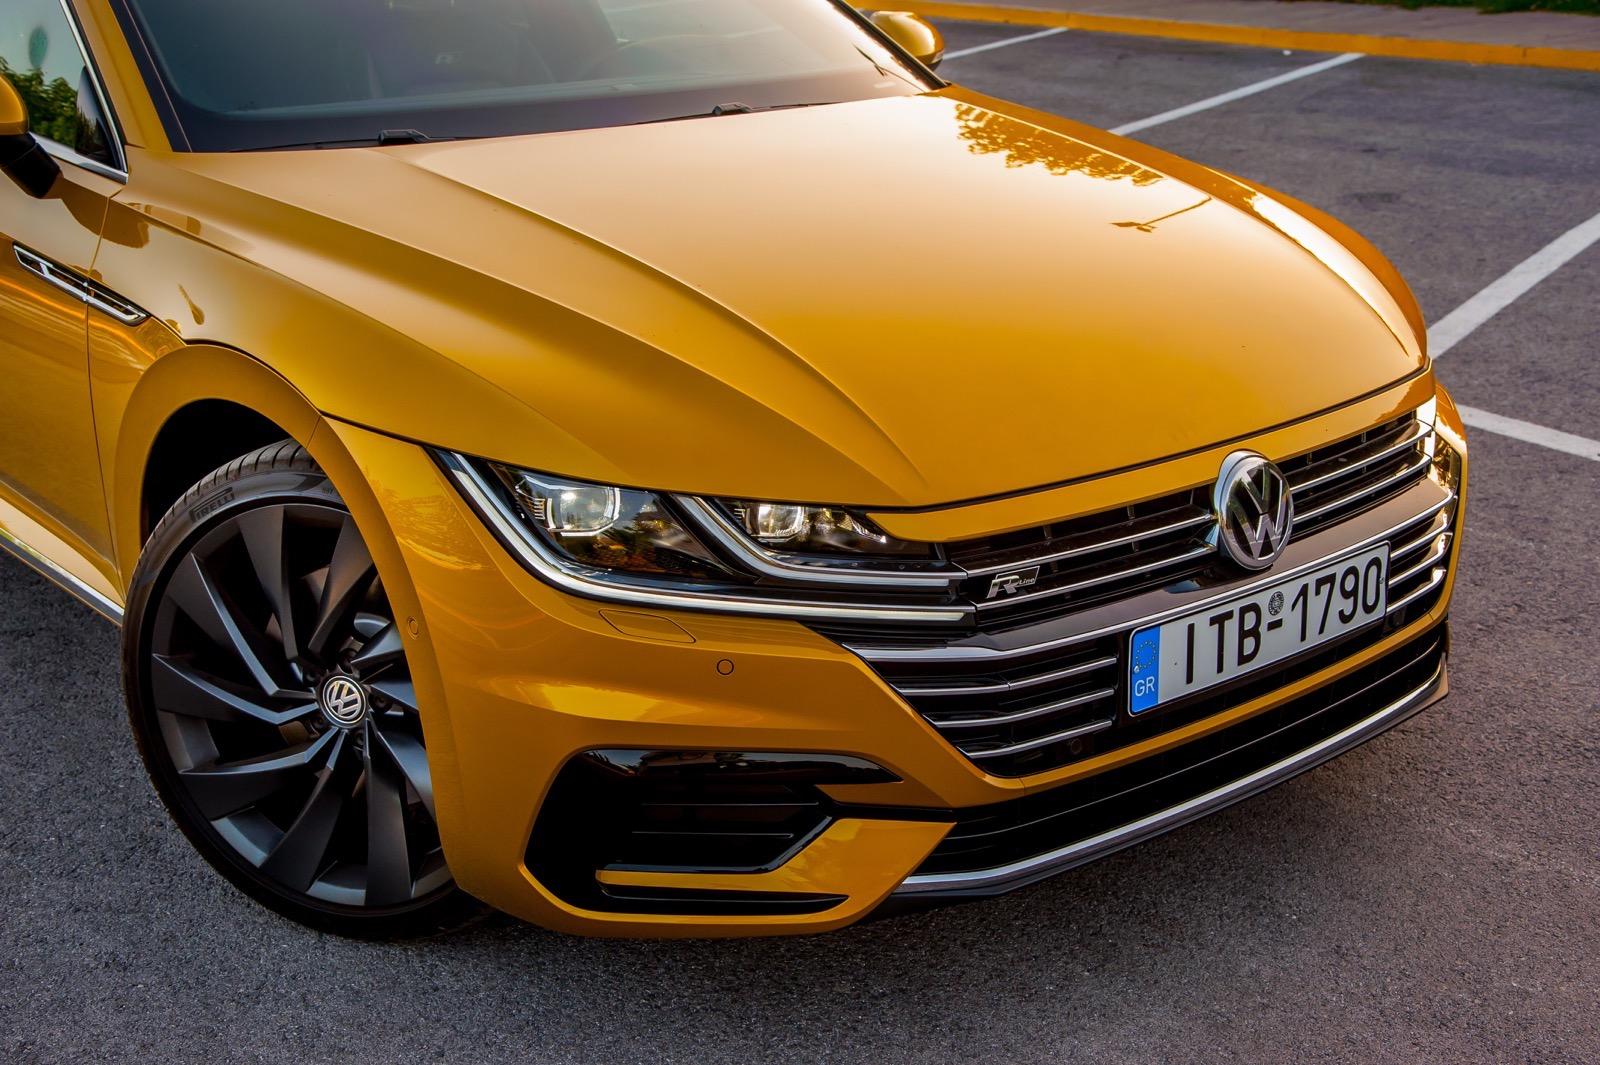 Volkswagen_Arteon_Greek_Presentataion_63